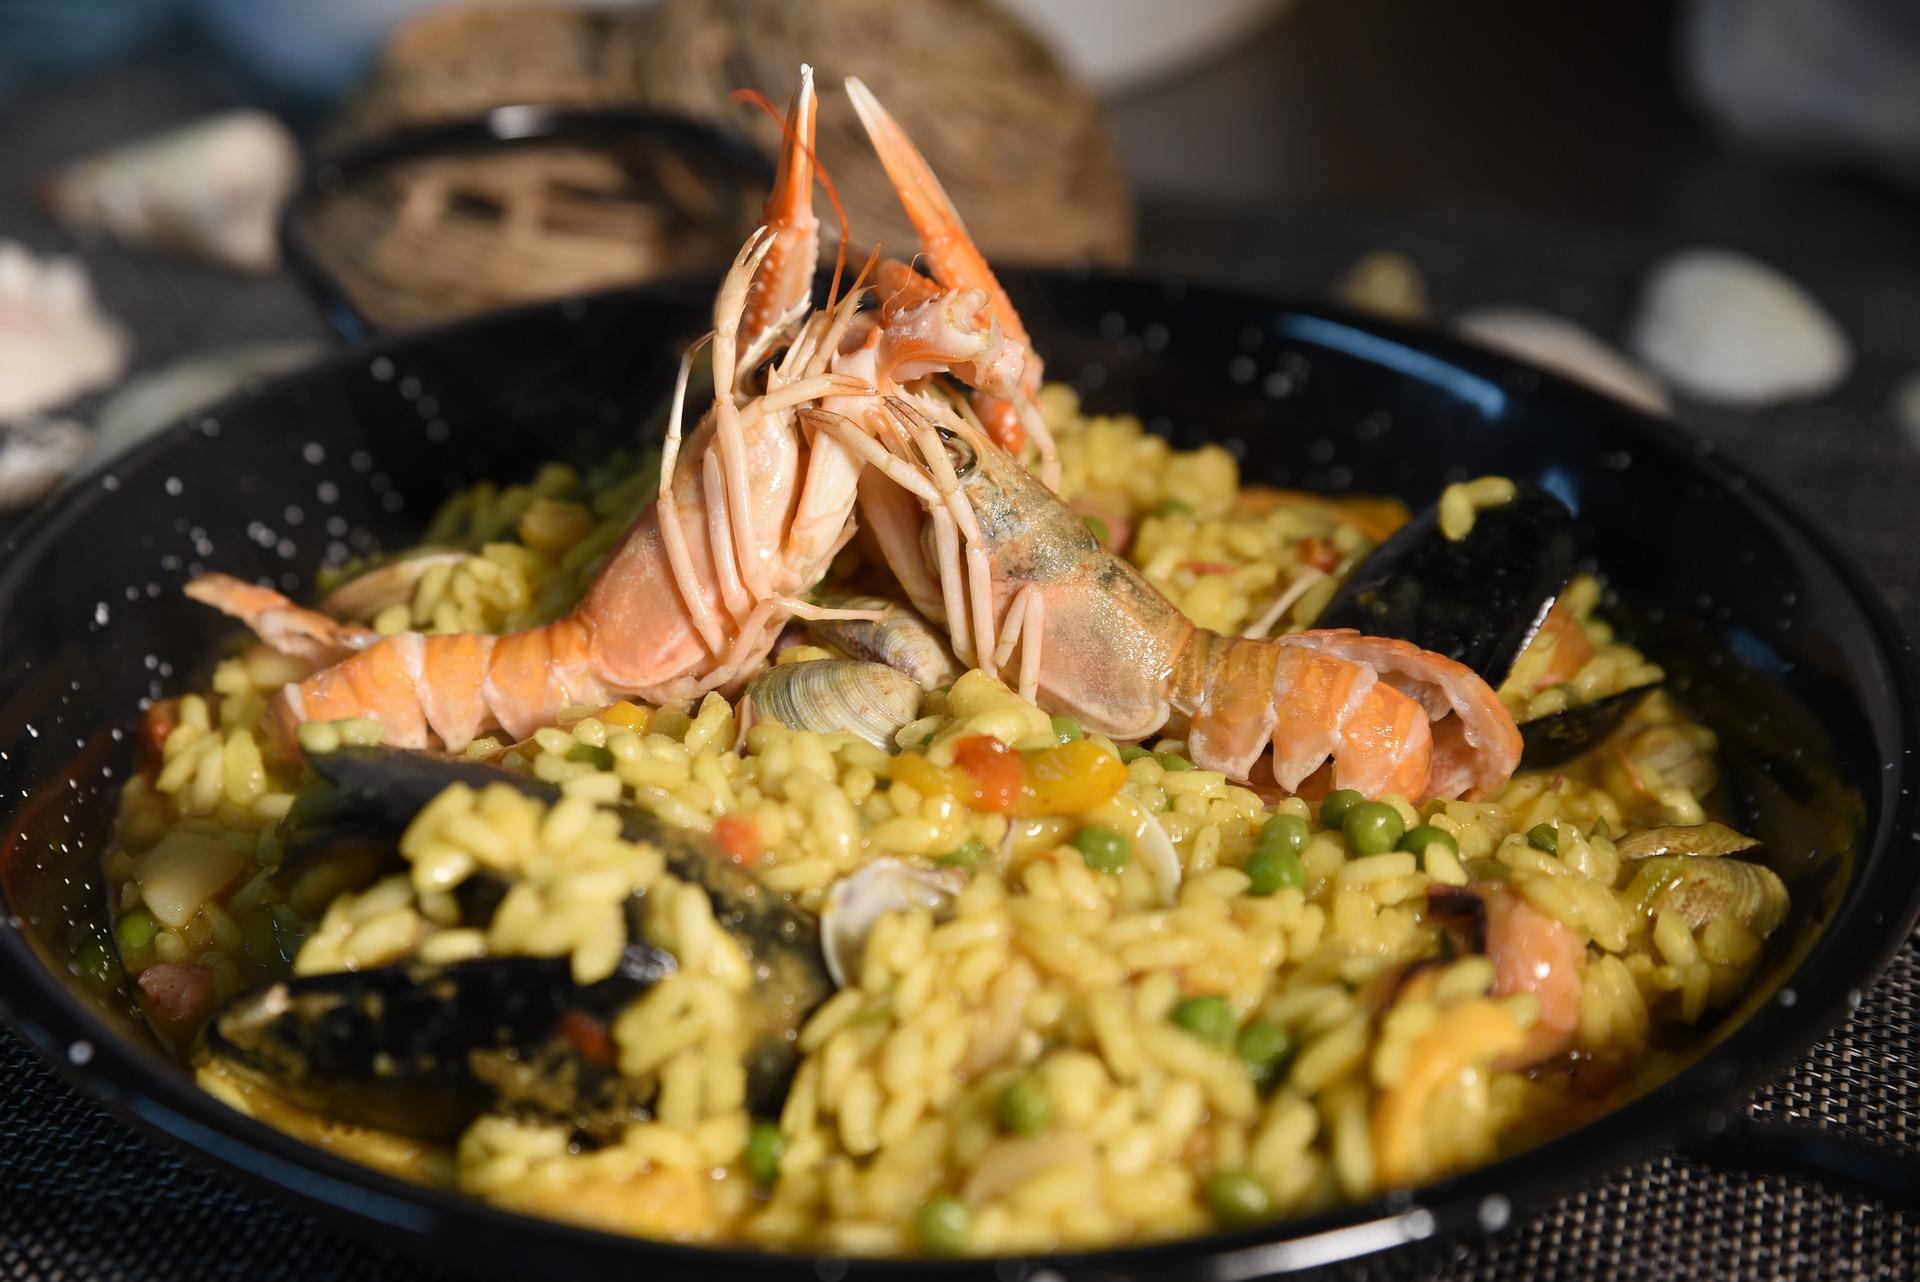 cazuela, arroz con camarones